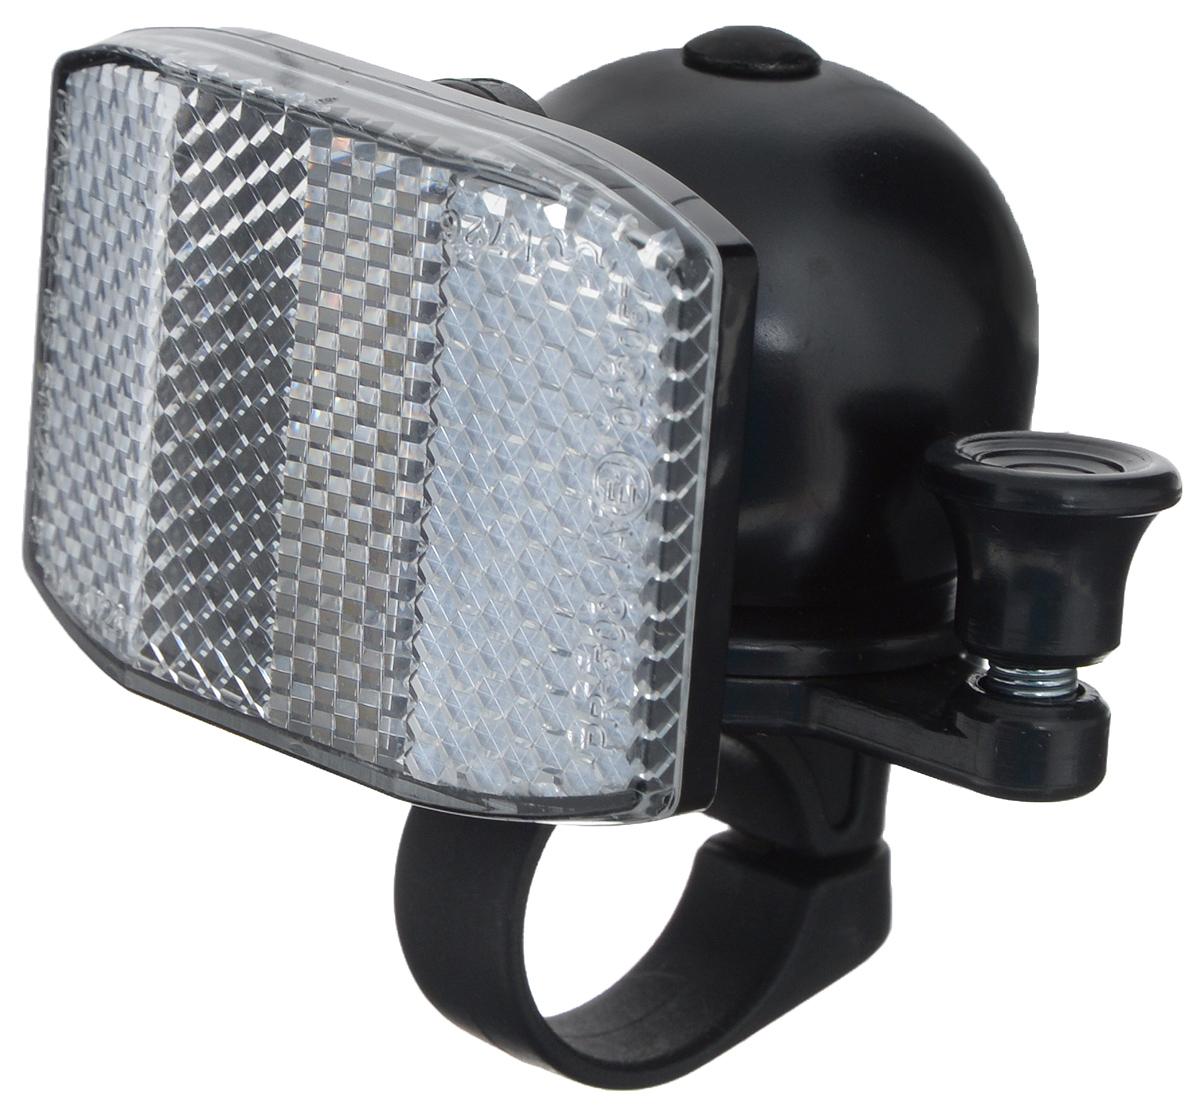 Звонок-отражатель велосипедный OdinnJH-401B/B/13009Звонок Odinn крепится на руль велосипеда и позволяет привлечь внимание в опасных ситуациях. Он оснащен светоотражателем. Звонок выполнен из высокопрочных материалов, долговечен в использовании. Основным его назначением является предотвращения столкновения, как на дорогах общего пользования, так и на тротуарах.